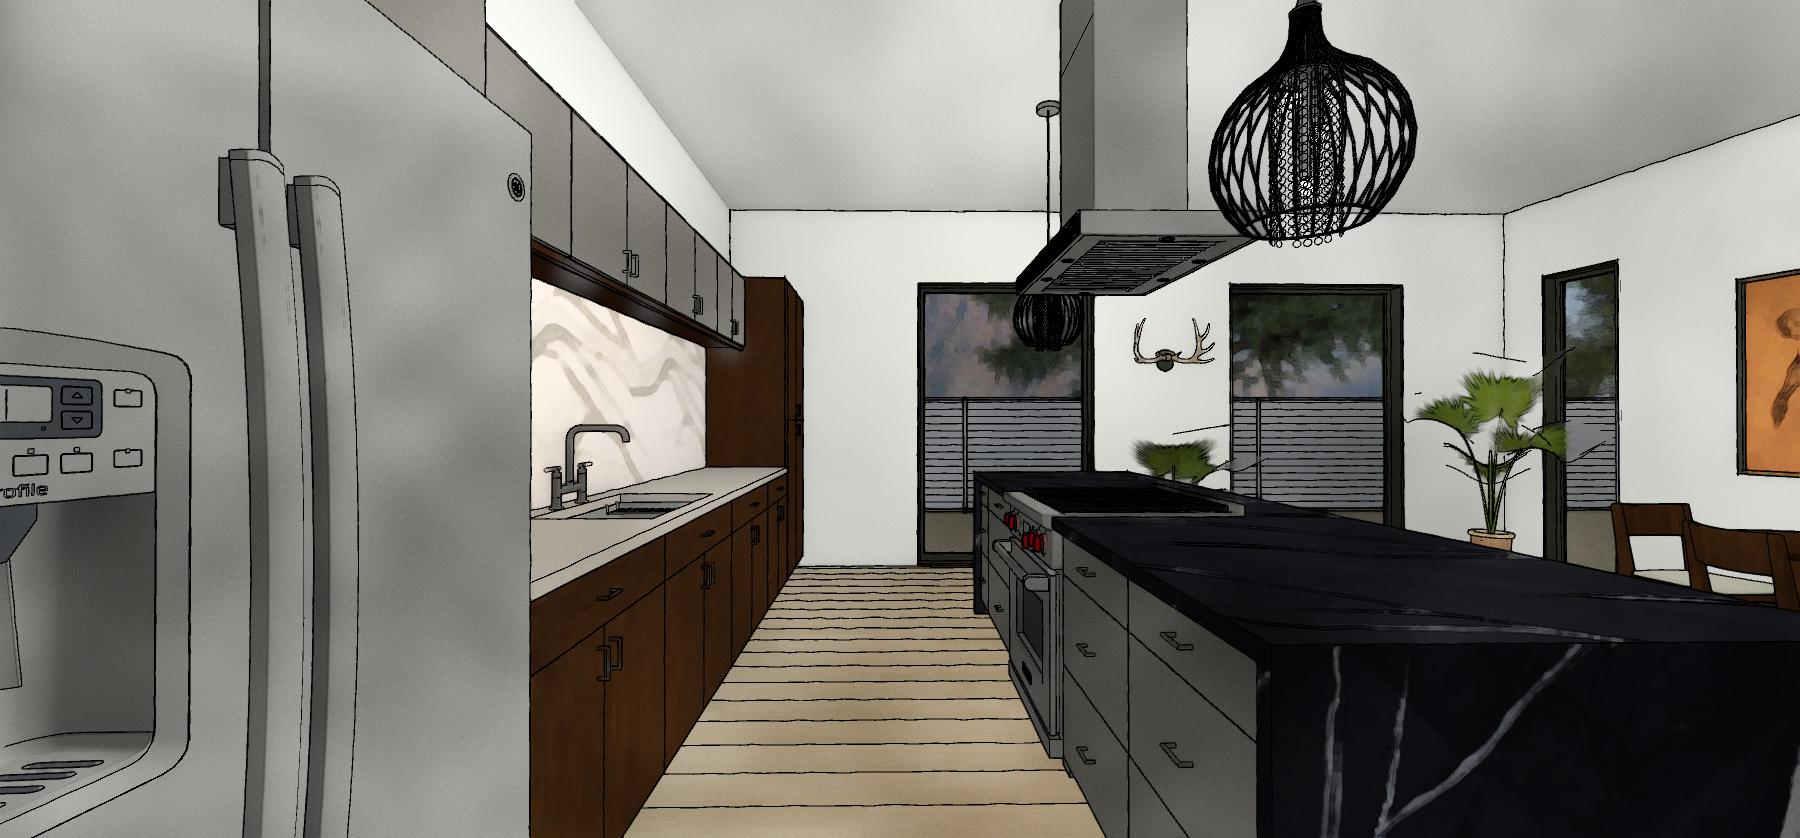 3d kitchen design paradise valley az